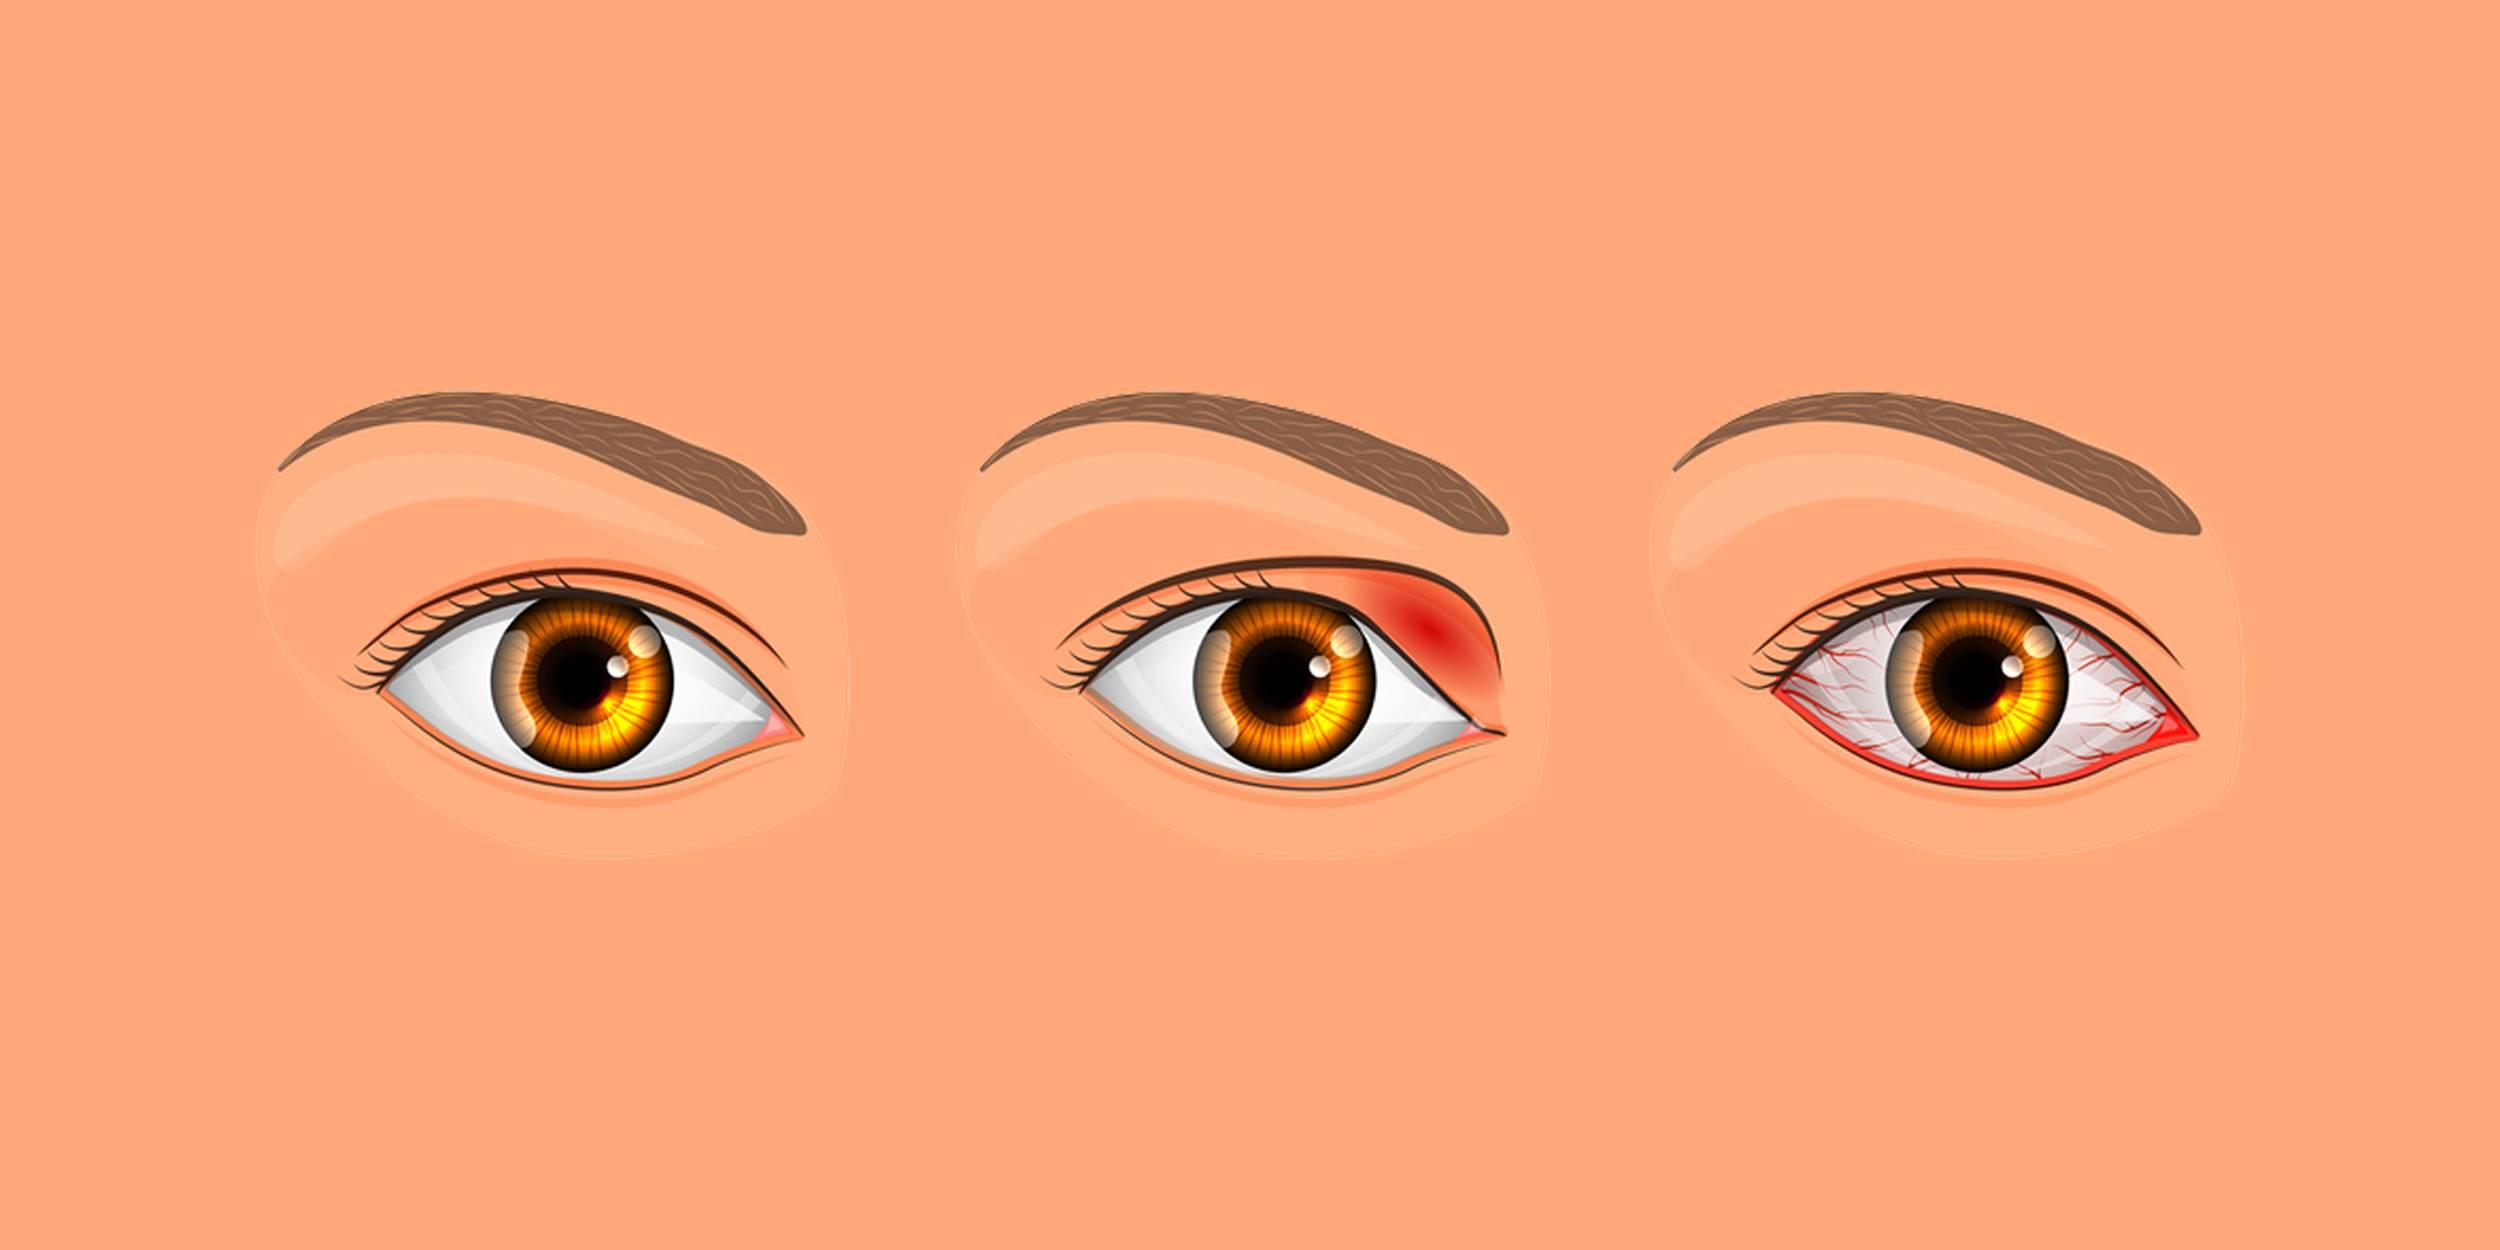 Как быстро вылечить ячмень на глазу у ребенка и взрослого, медикаментозно и народными средствами